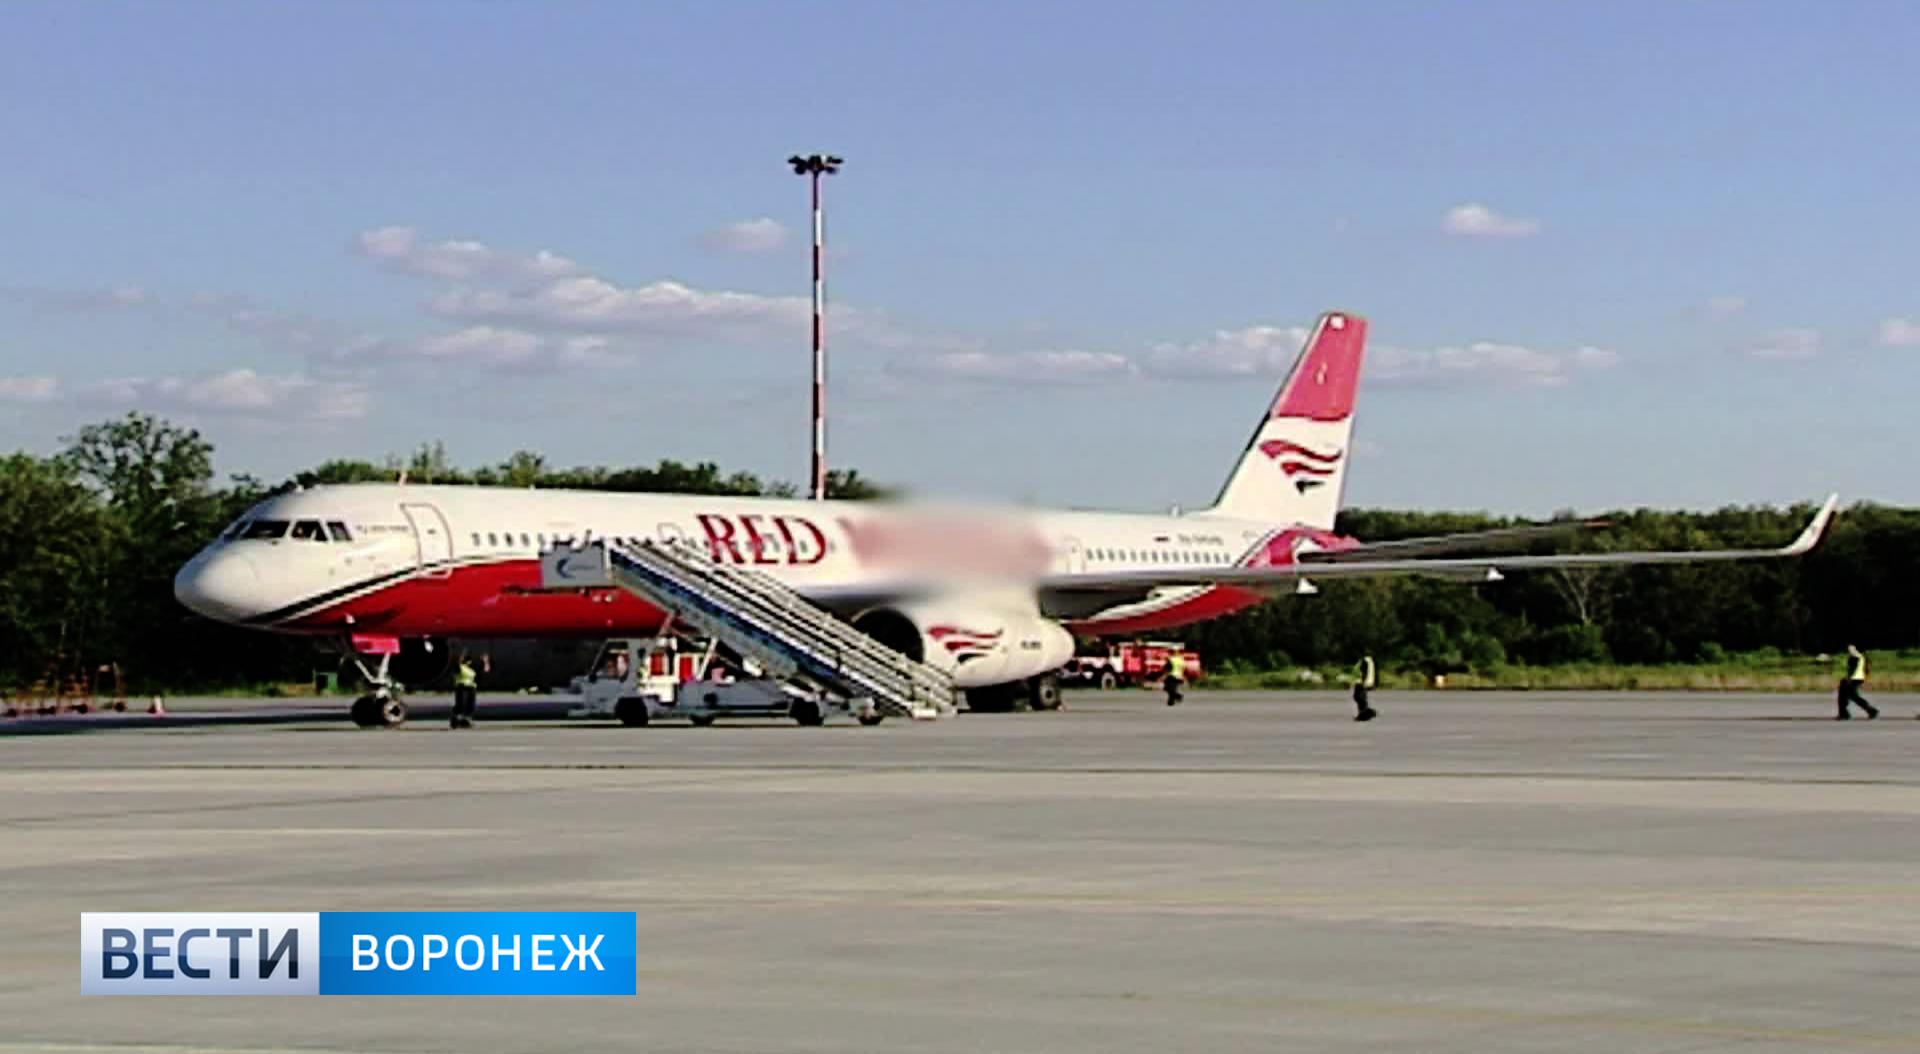 стоимость билета на самолет спб-симферополя